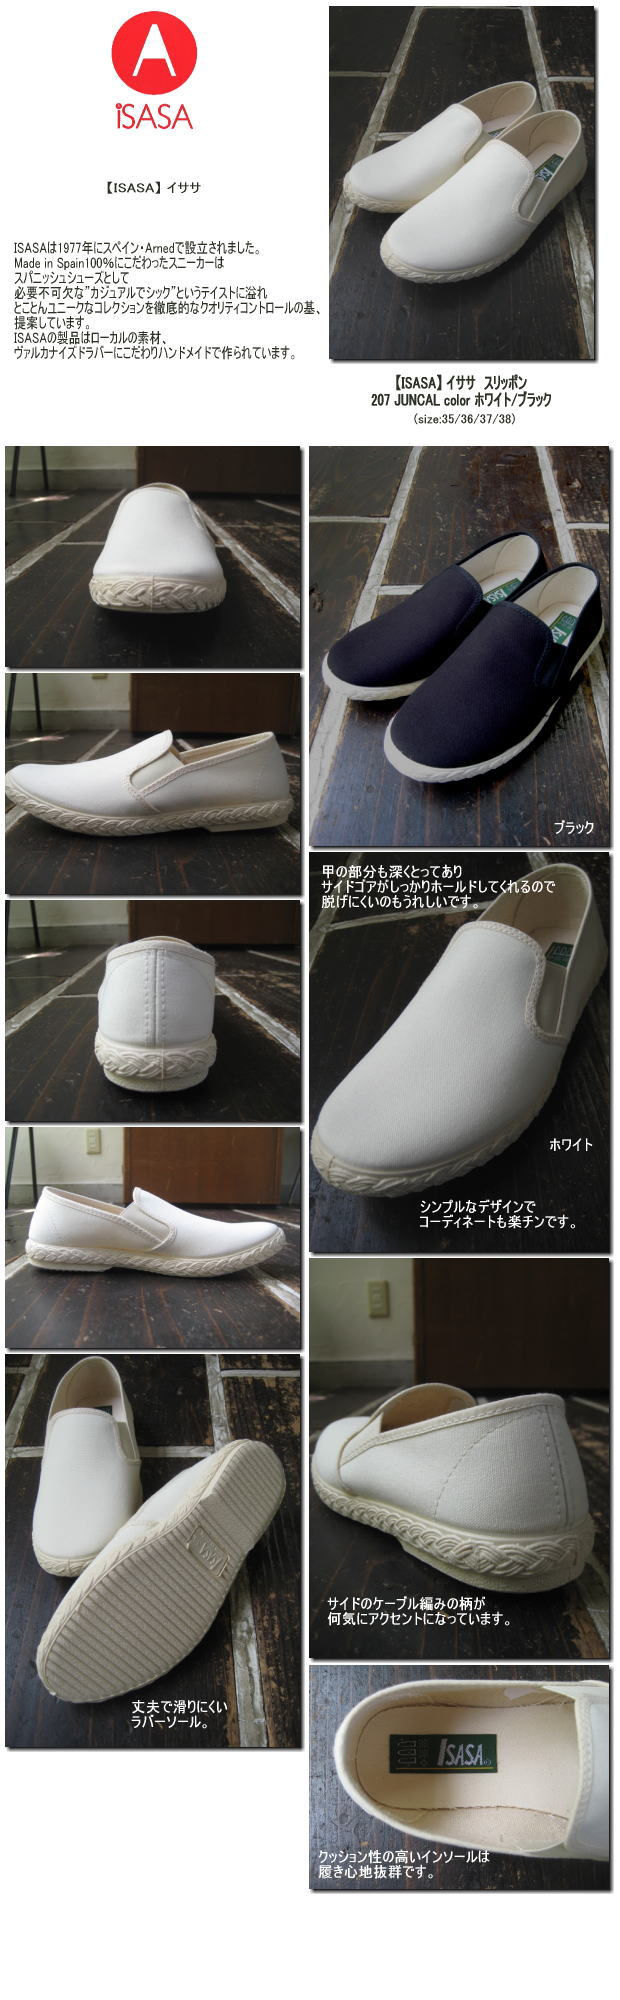 【ISASA】 イササ スリッポン 207 JUNCAL color ホワイト/ブラック